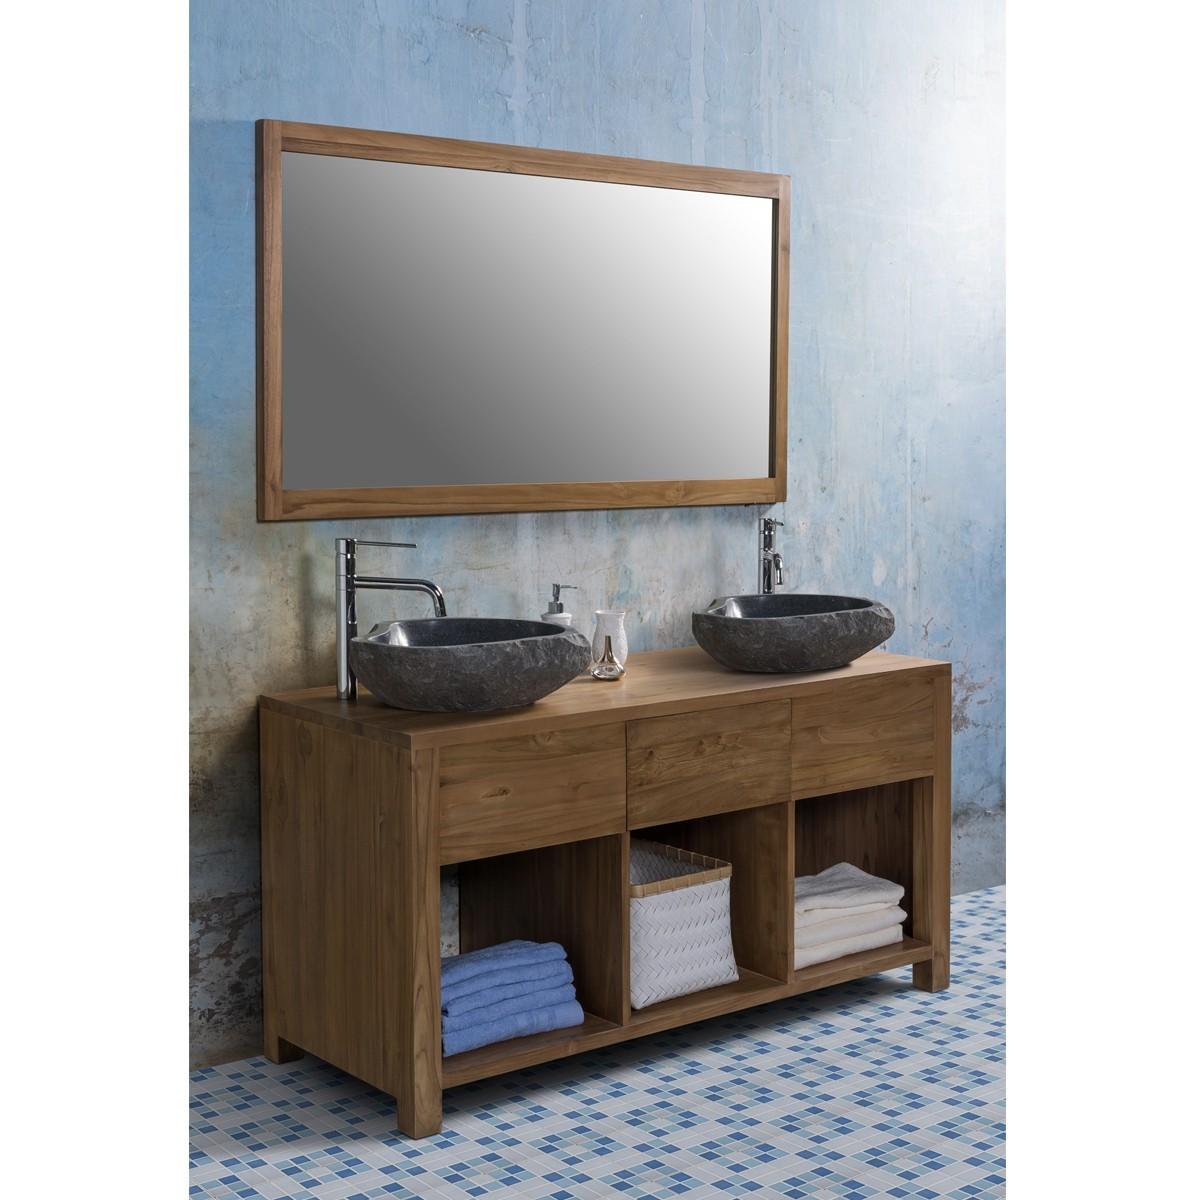 Ensemble de salle de bain en bois de teck 145 2 vasques for Ensemble salle de bain bois